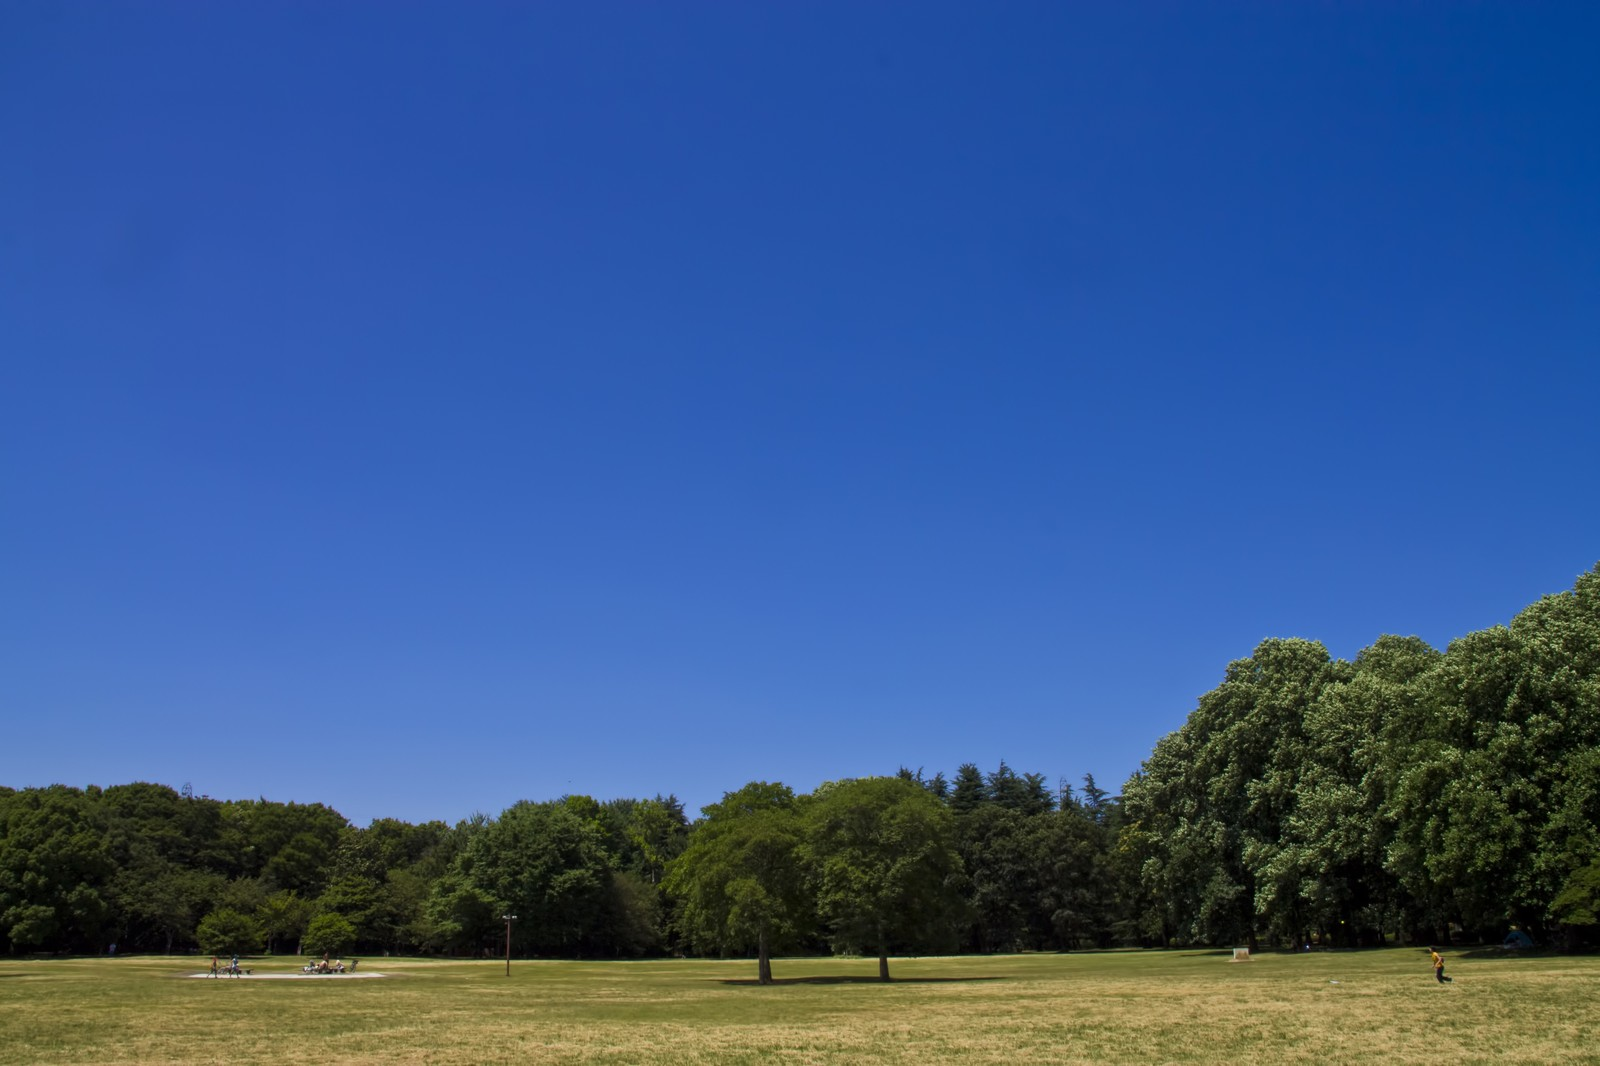 「青空と広場青空と広場」のフリー写真素材を拡大